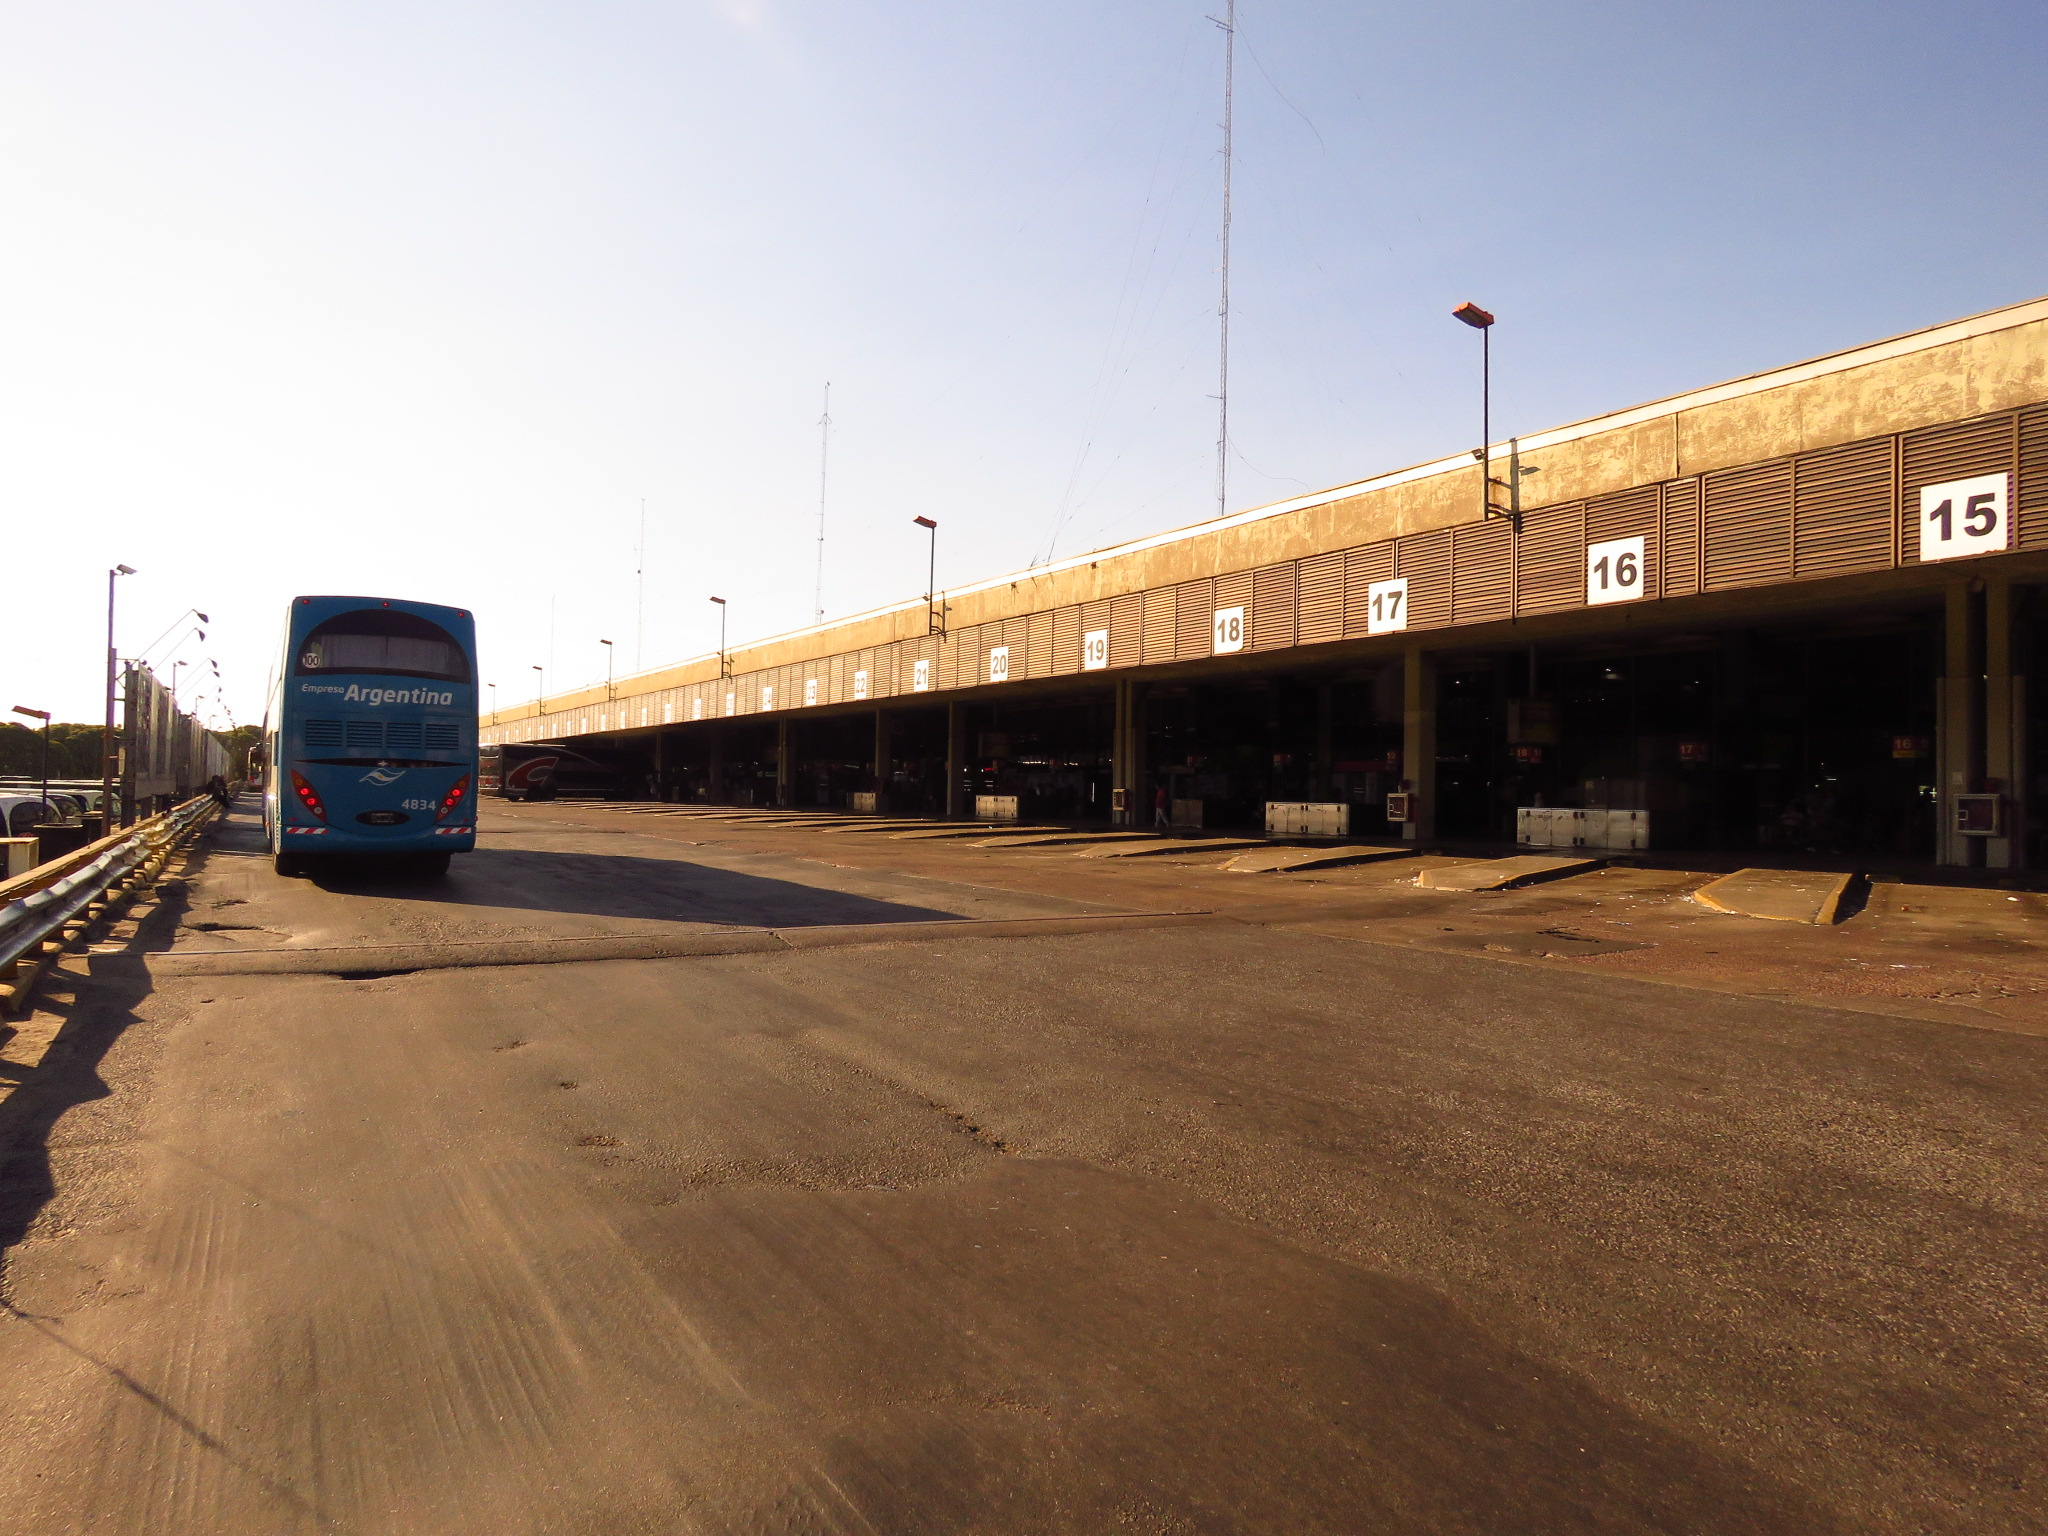 Ретиро. Инспекция площади трёх вокзалов. Ретиро, автовокзал, площадь, прямо, вокзал, вокзалов, практически, автобусы, просто, также, вокзала, Теперь, которых, БуэносАйрес, электрички, линия, площади, основной, главный, которого